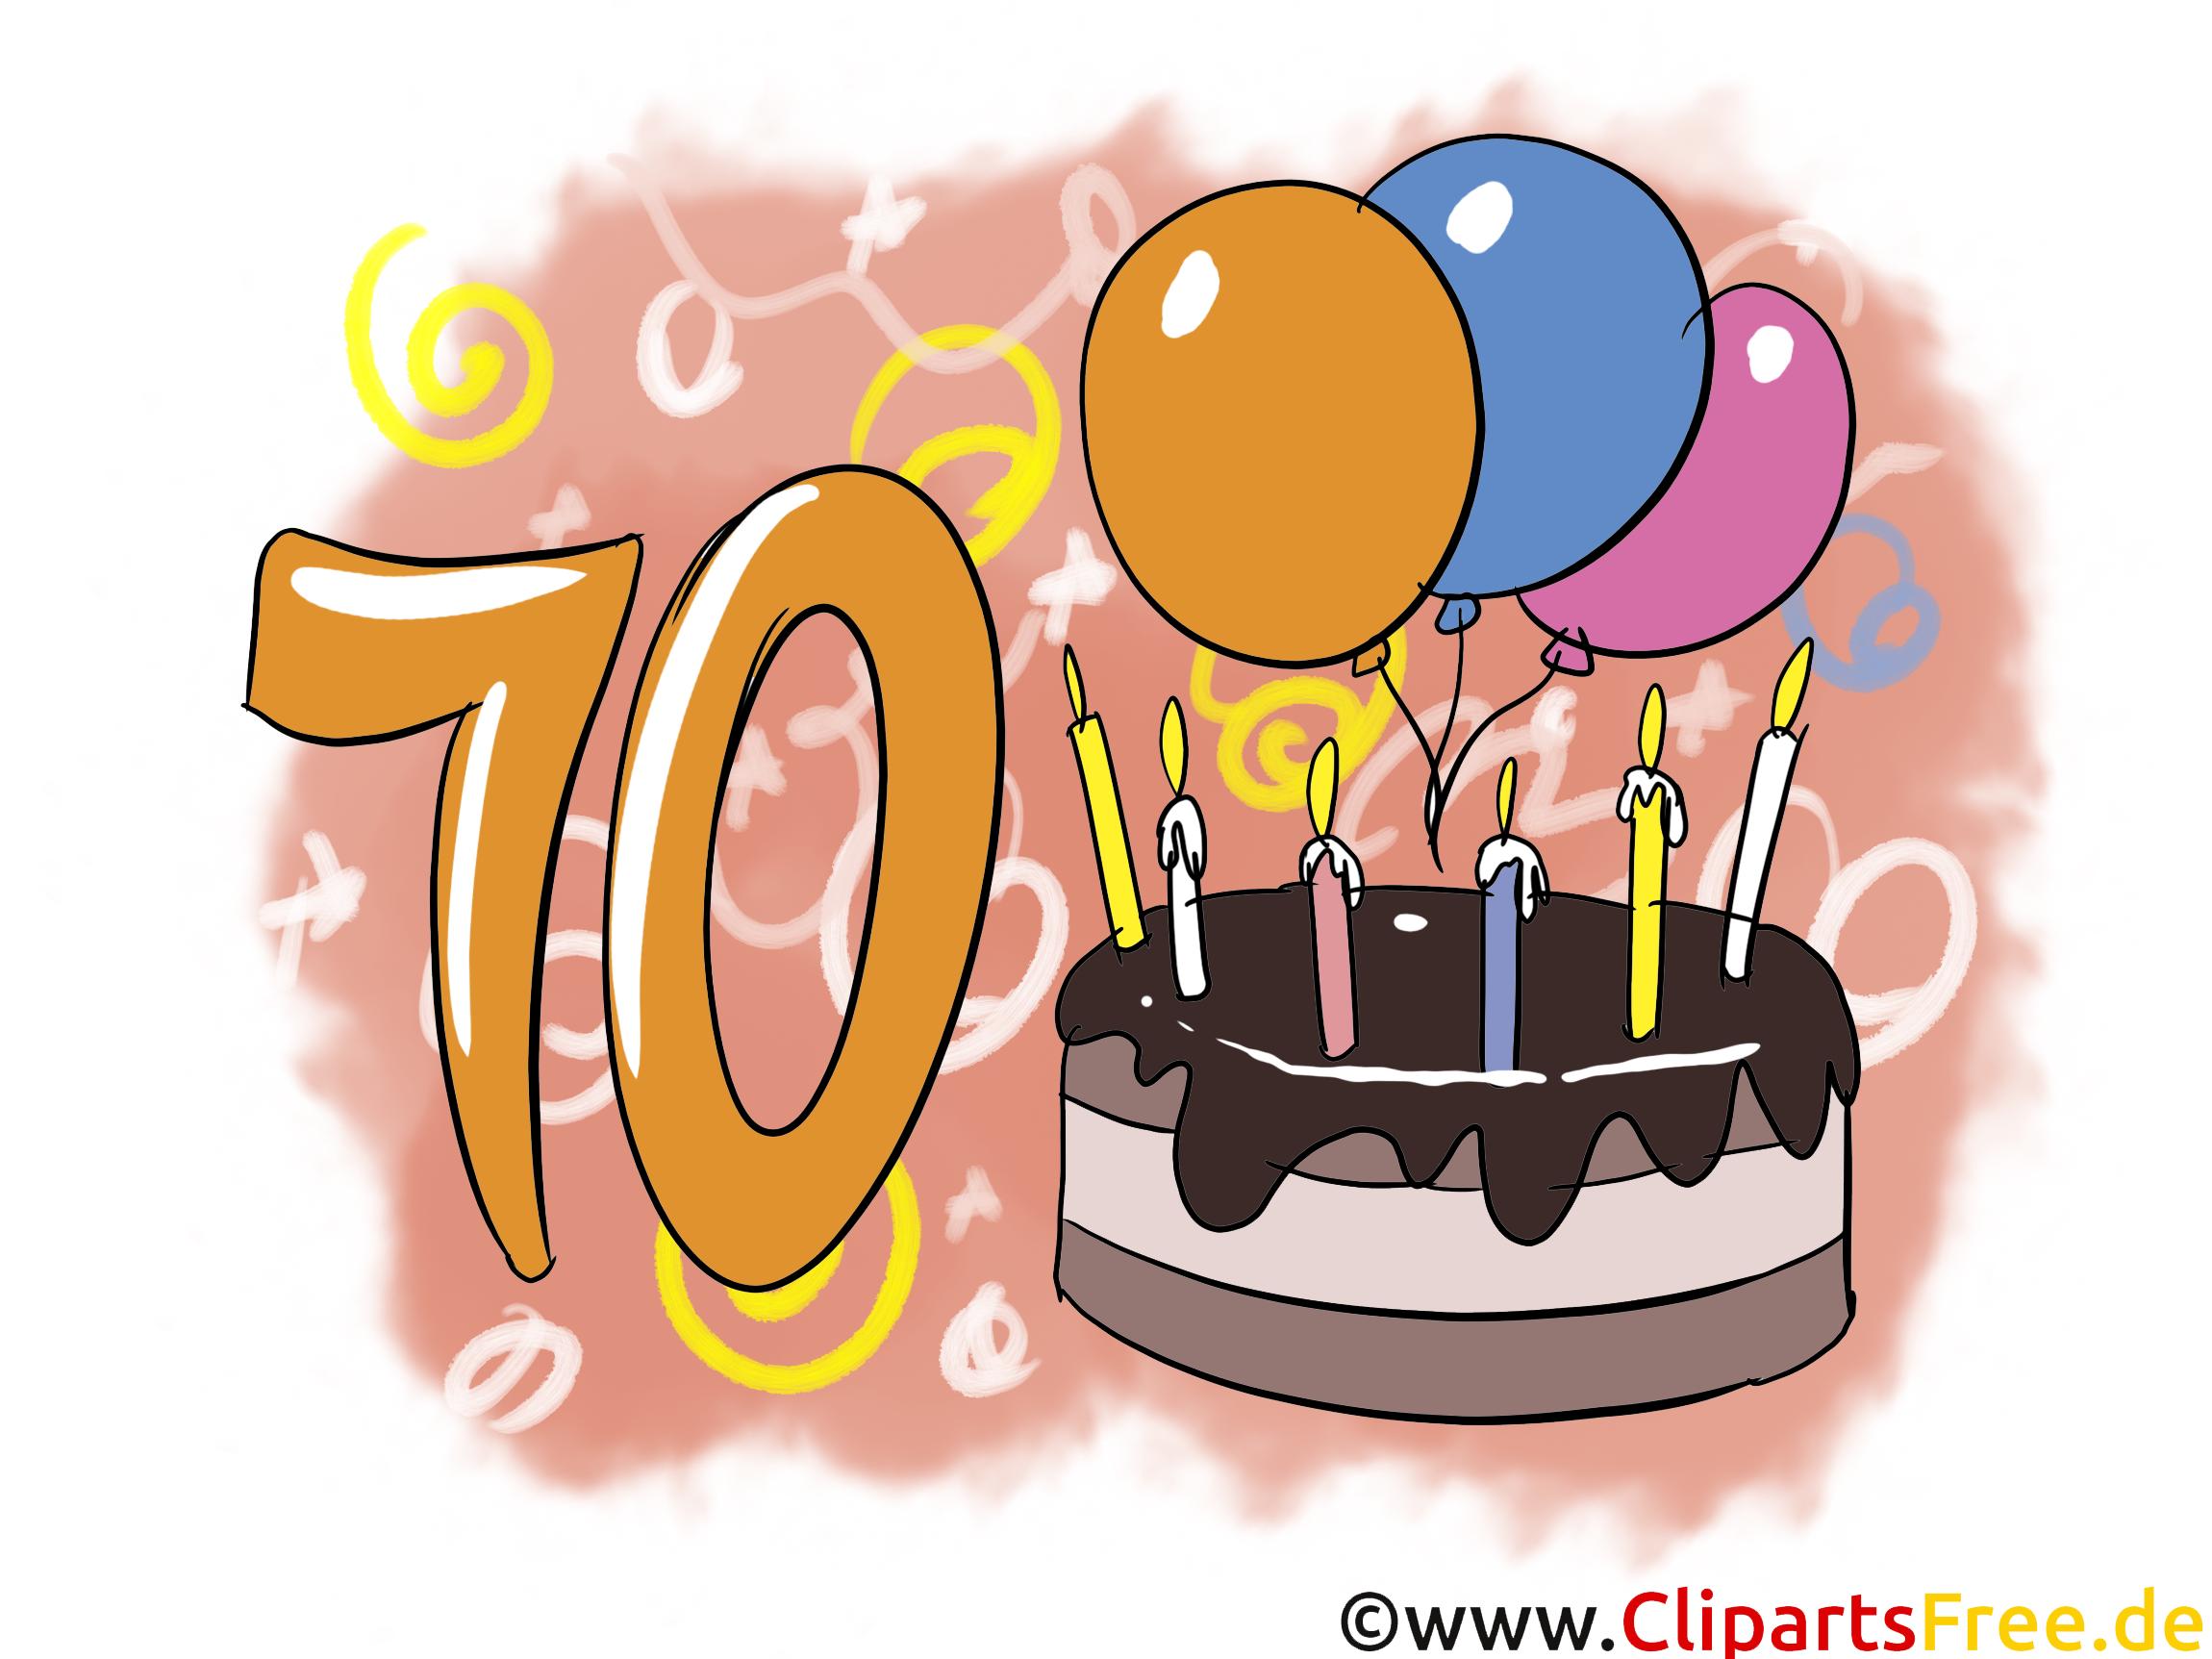 10 ans illustration gratuite anniversaire clipart anniversaire dessin picture image - Clipart anniversaire gratuit telecharger ...